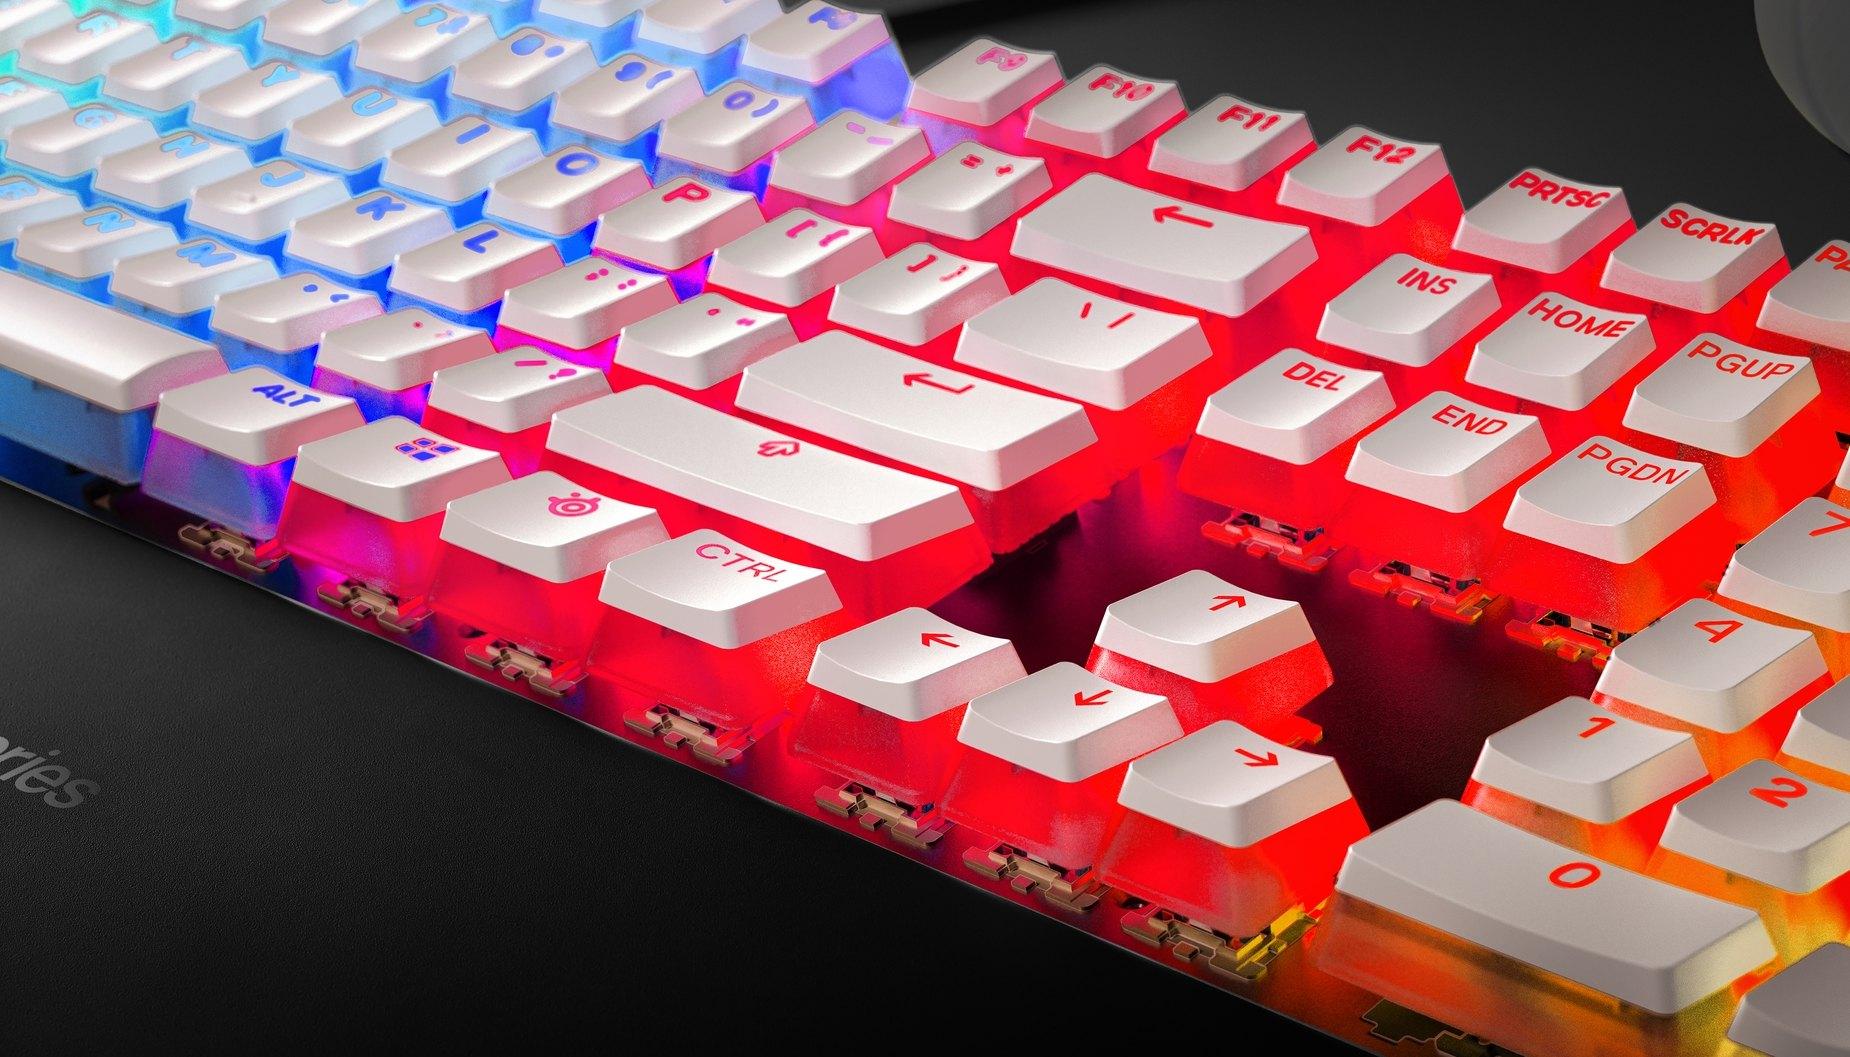 Vue rapprochée d'un clavier SteelSeries avec les touches de style pudding offrant une illumination intense.